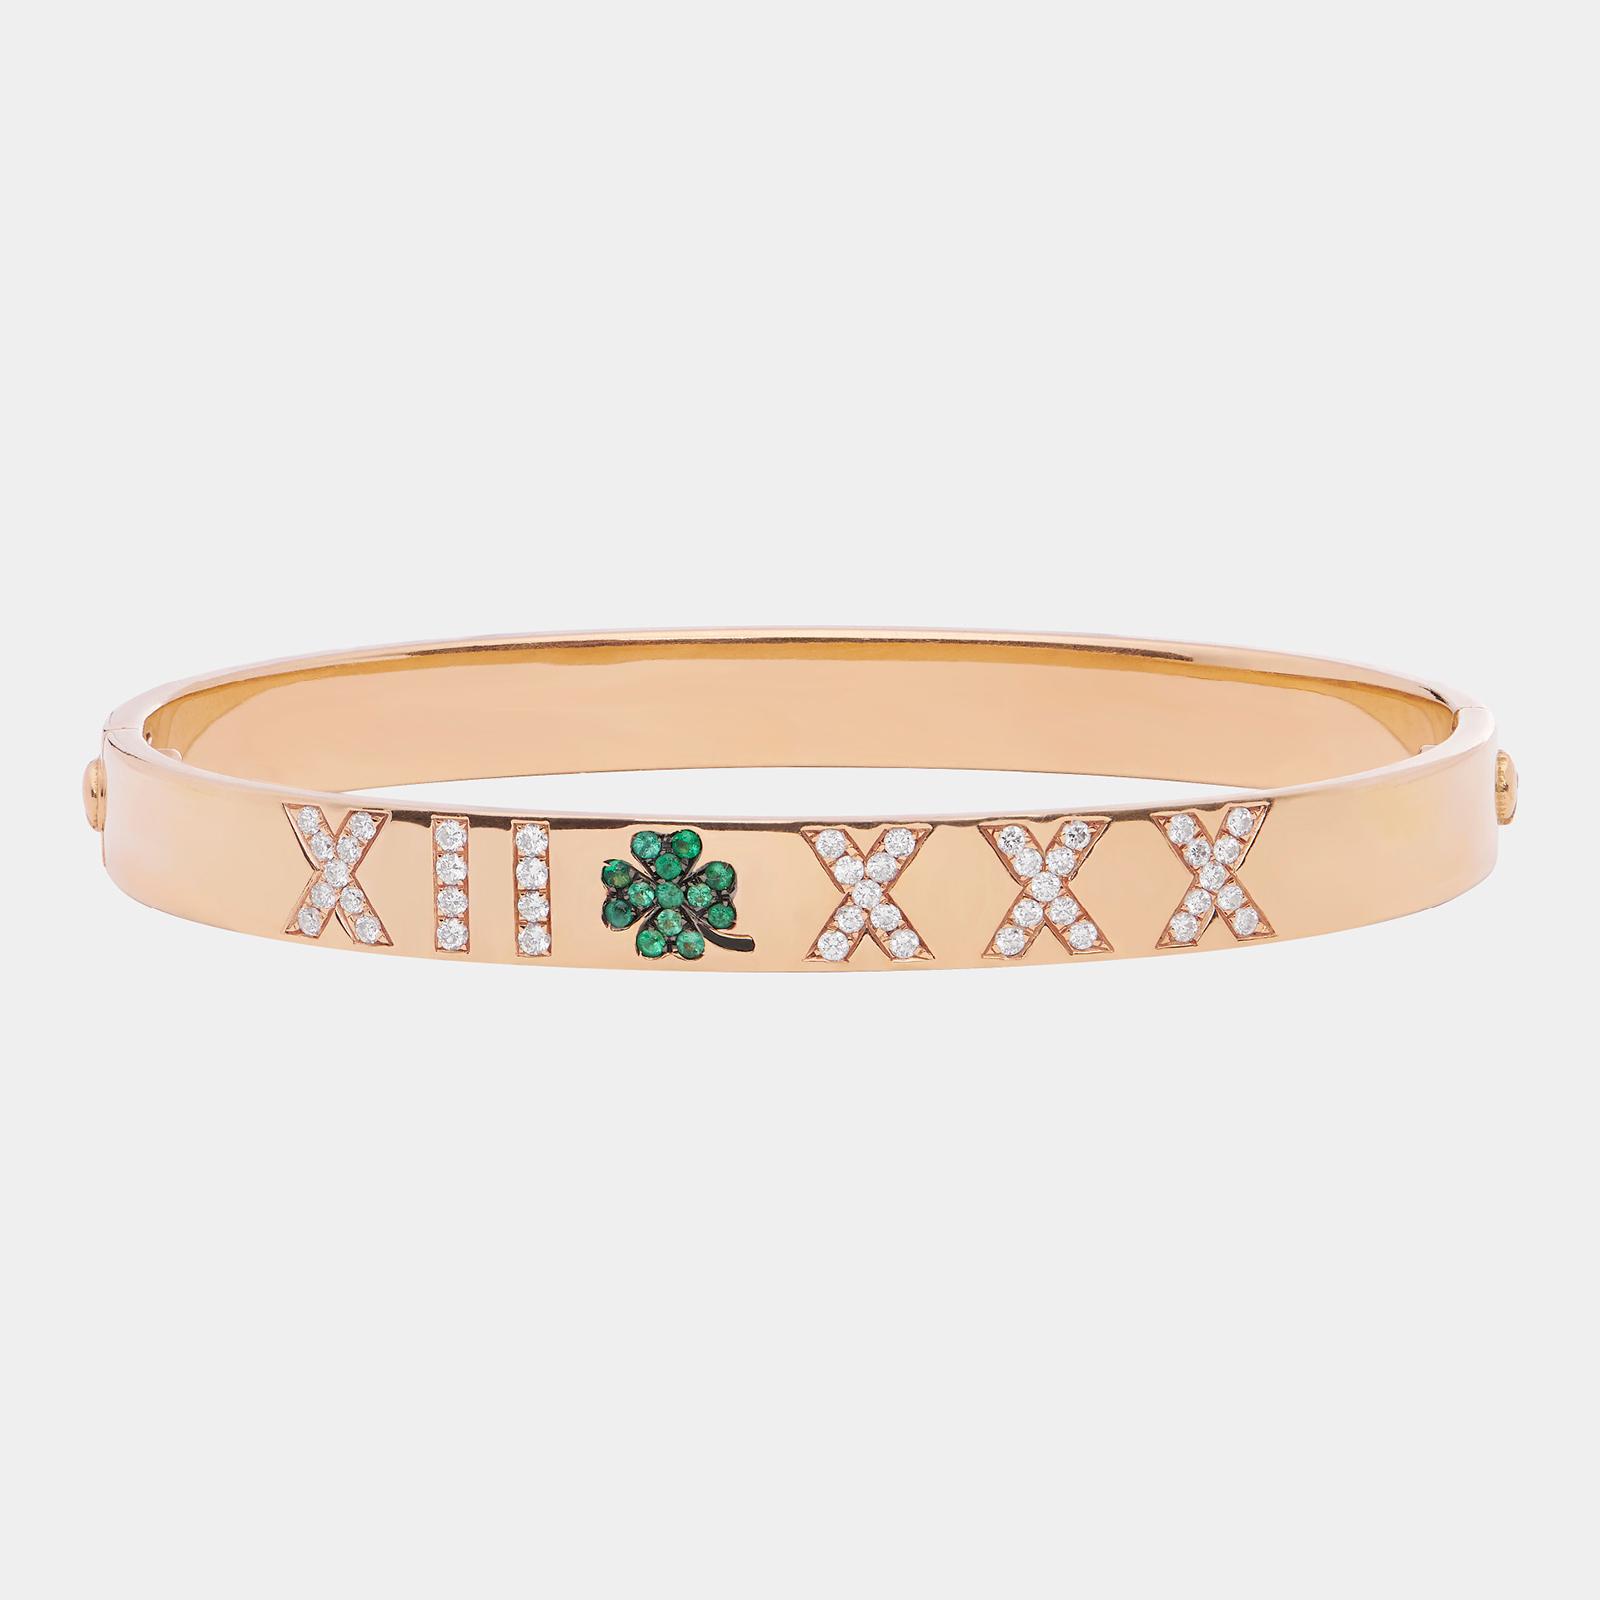 Bracciale manetta personalizzato portebonheur in oro rosa con diamanti e smeraldi - Rosanna Cattolico gioielli